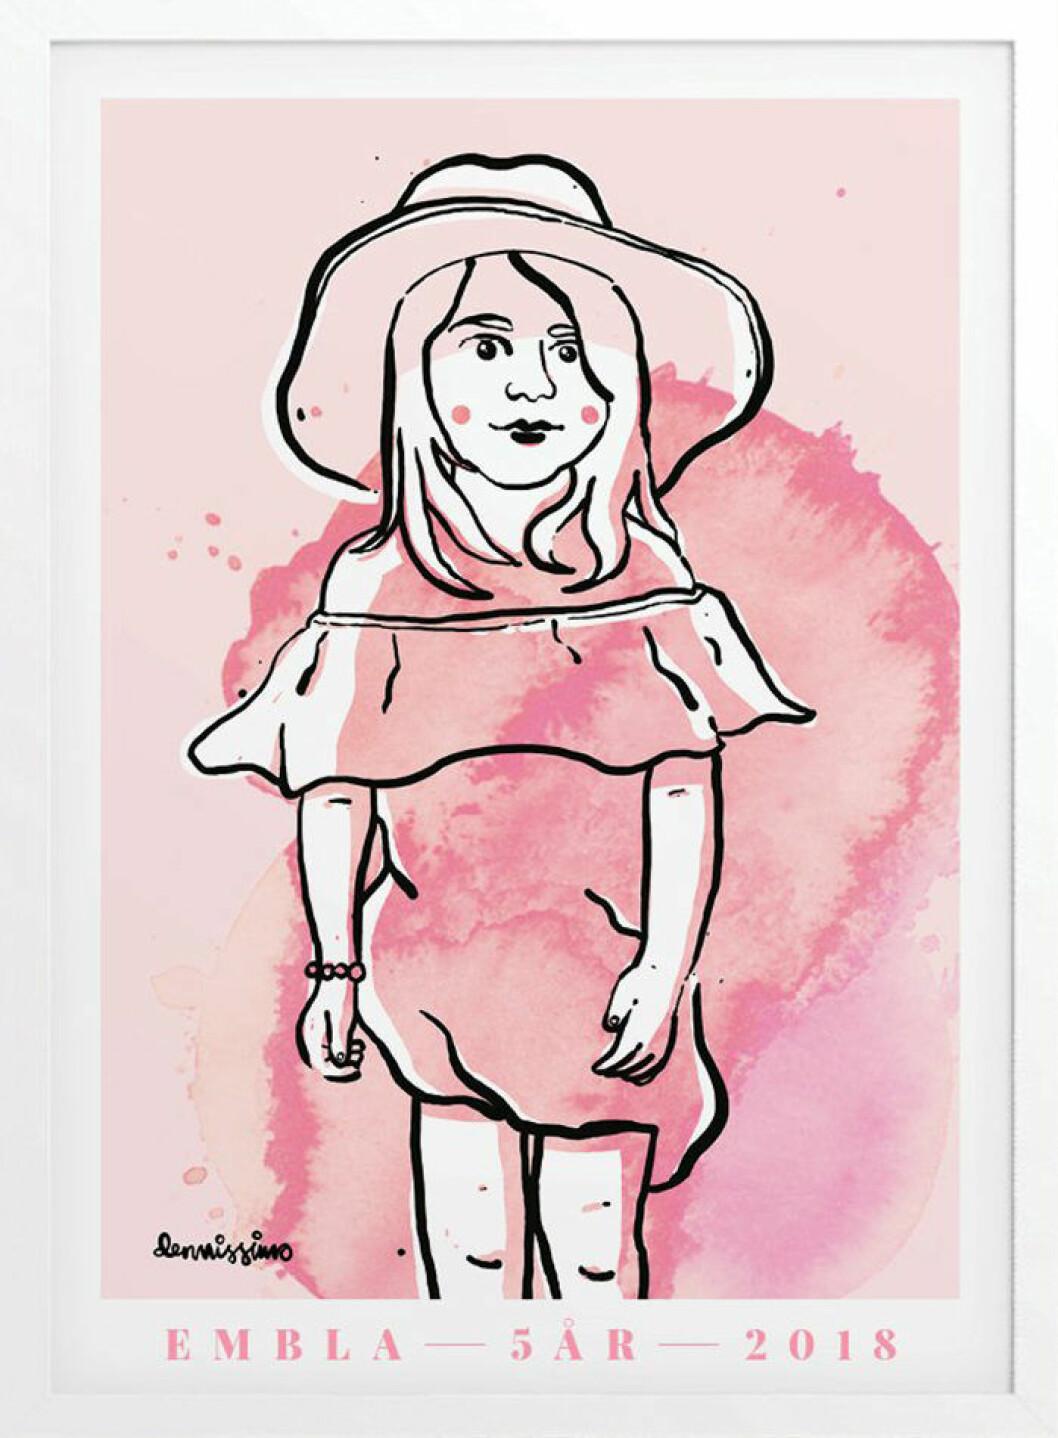 porträtt av barn från konstnären Dennis Wojda